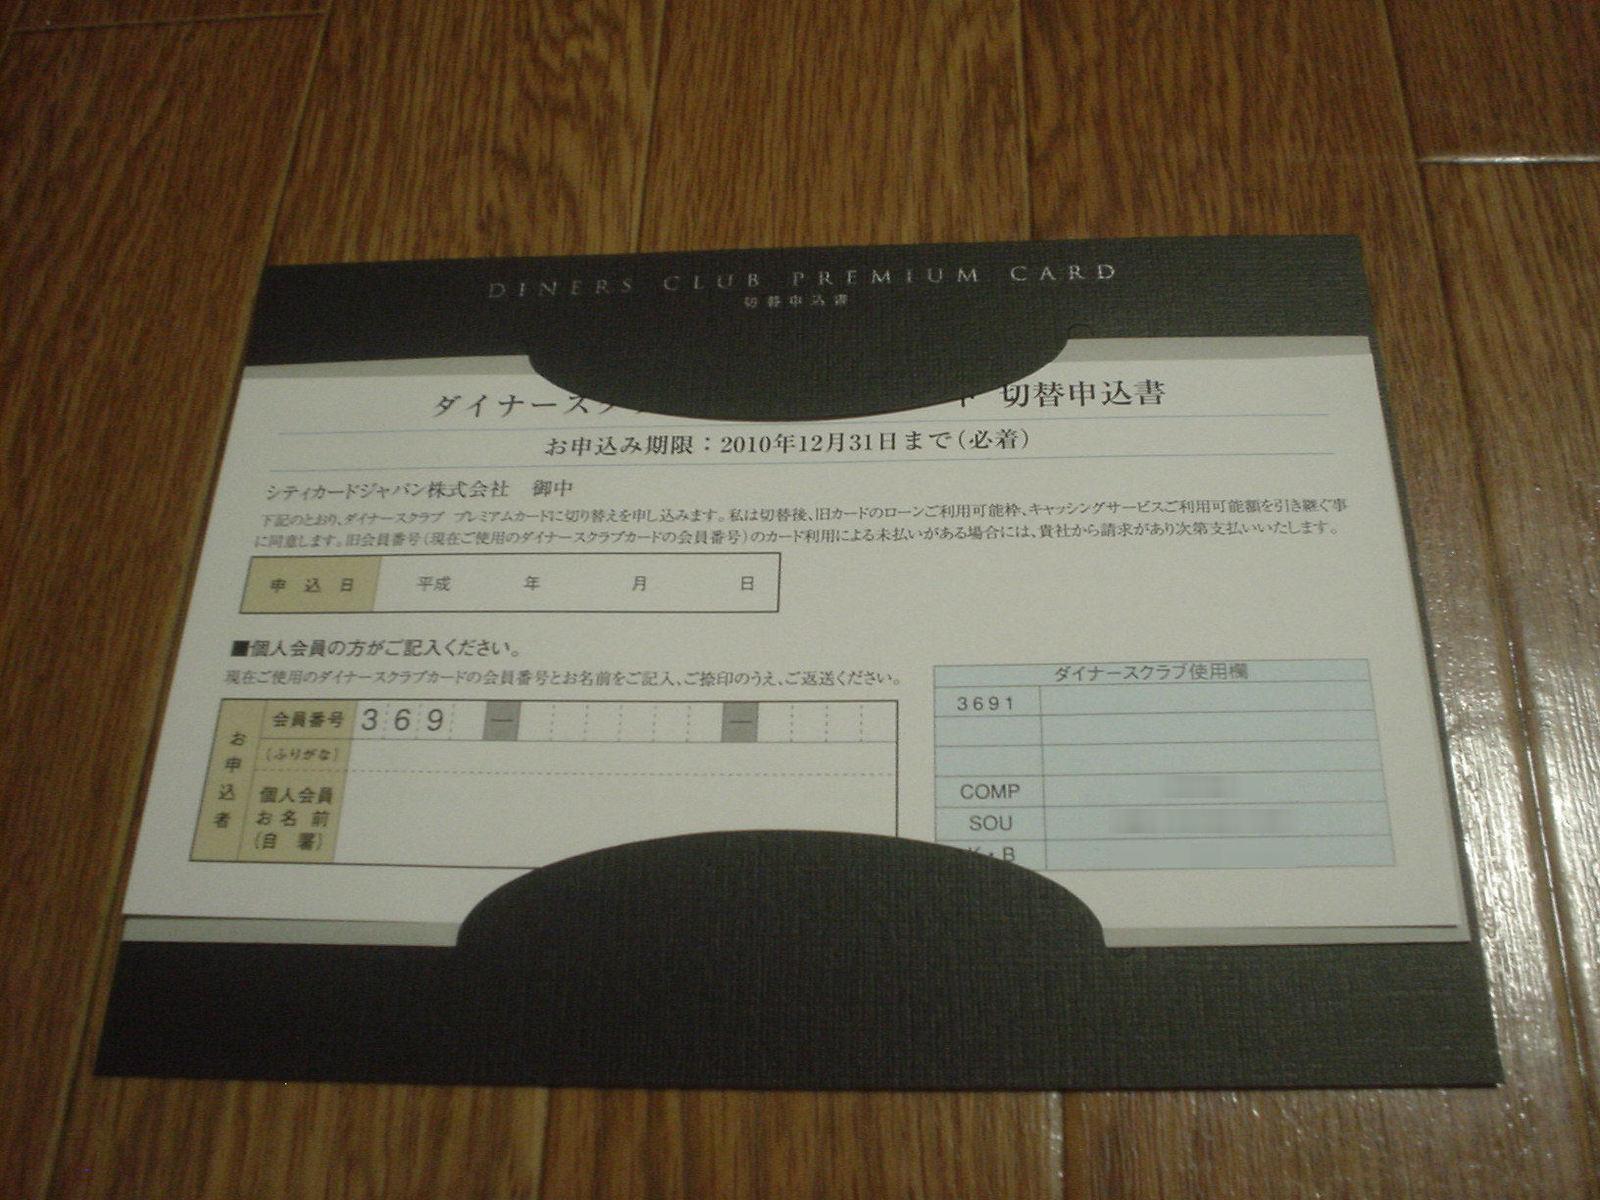 台紙に挟み込んだ切替申込書